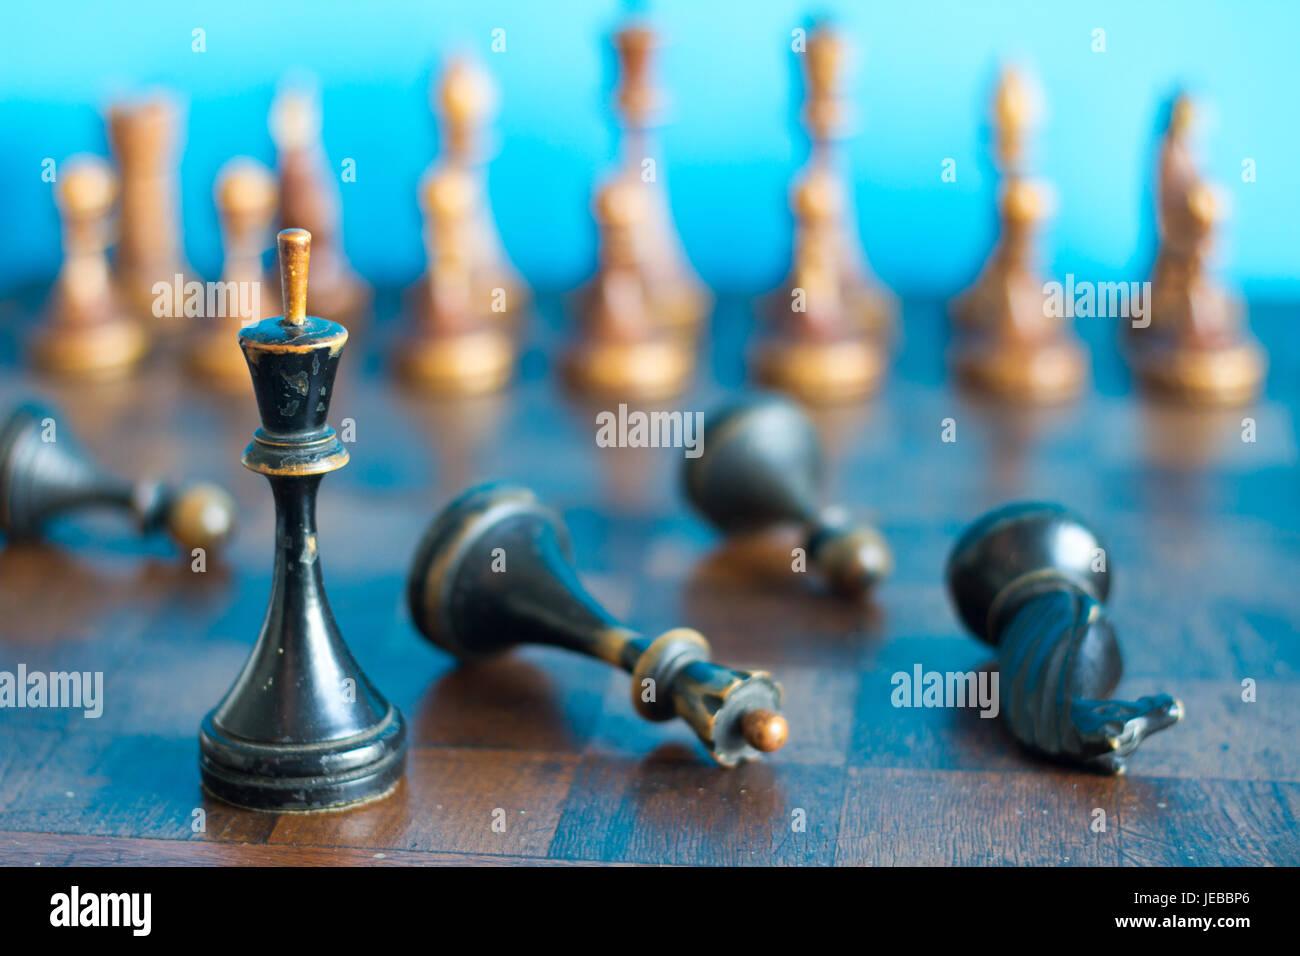 In legno antico pezzi di scacchi su una vecchia scacchiera. Su uno sfondo blu. Foto Stock